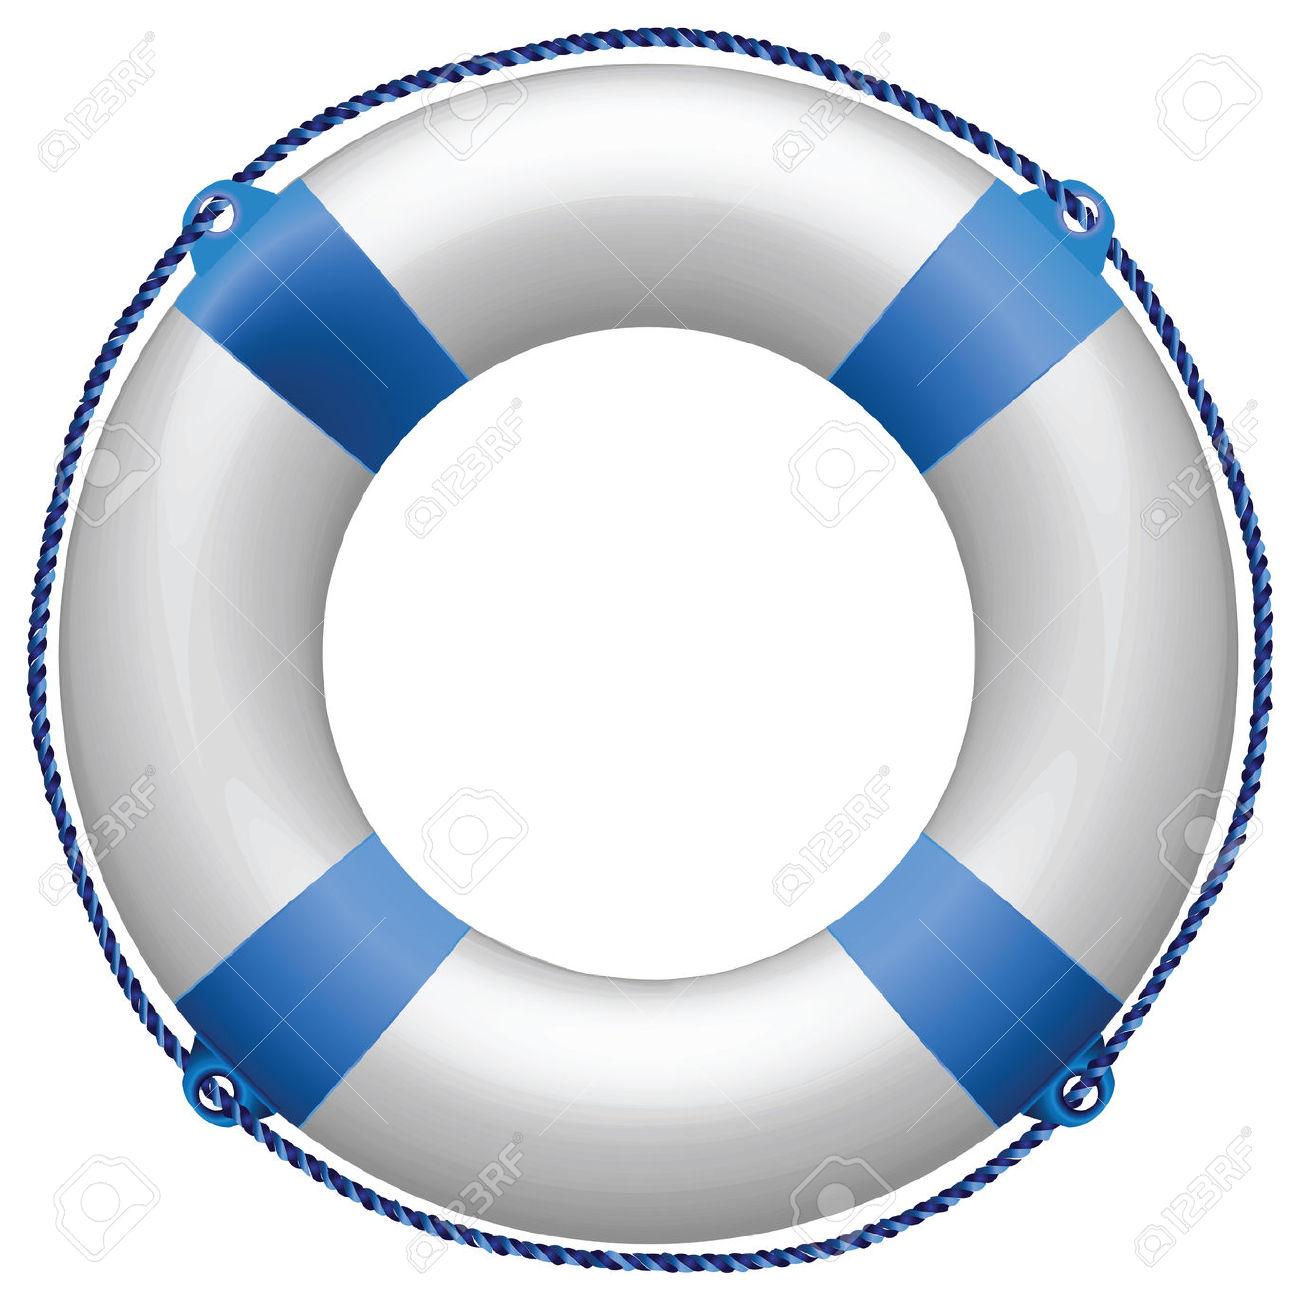 Life Buoy Clipart-life buoy clipart-1